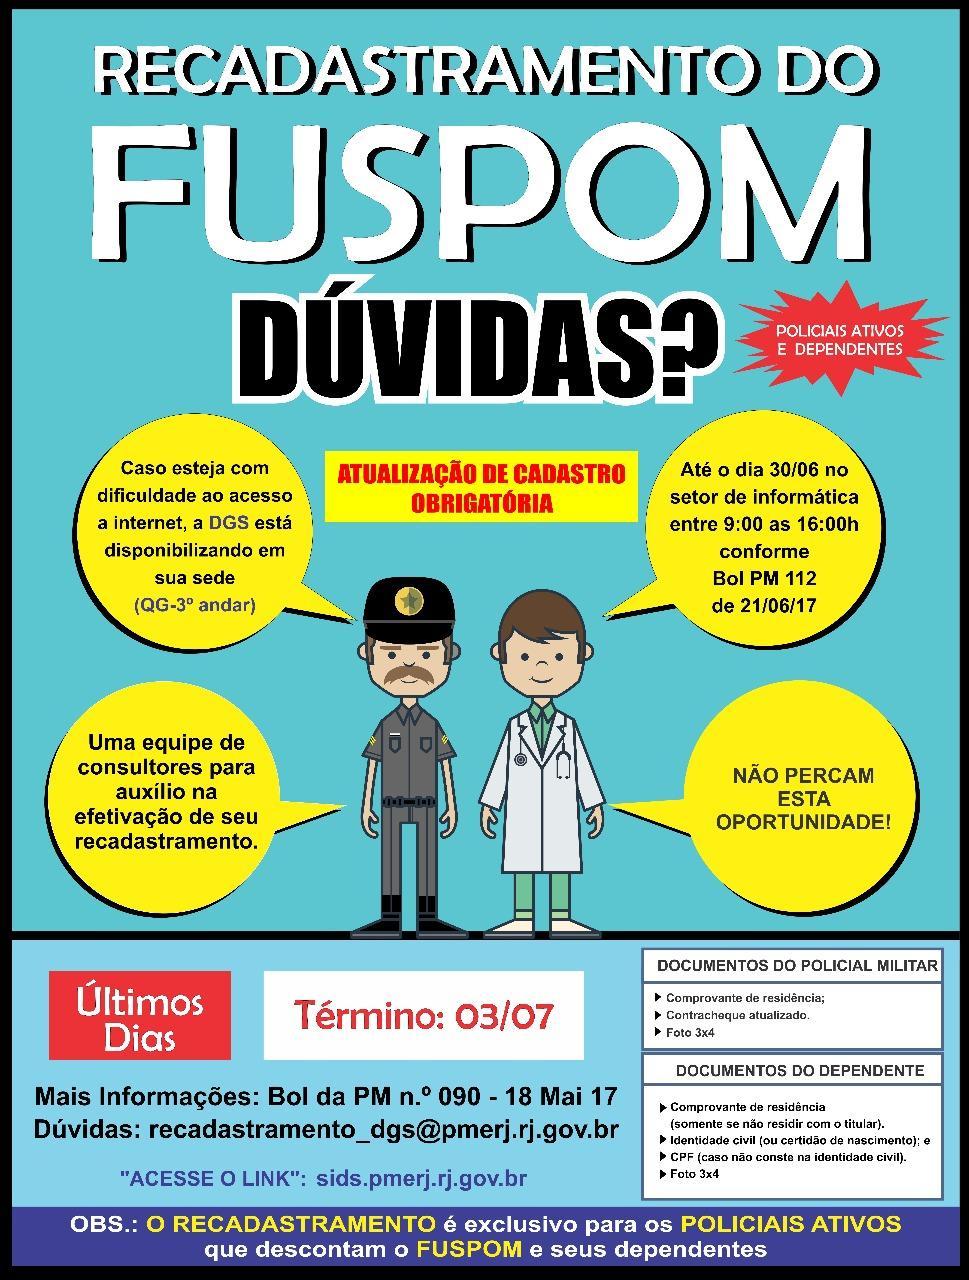 Policial Militar: ainda em dúvida sobre o recadastramento do FUSPOM? Acesse o link